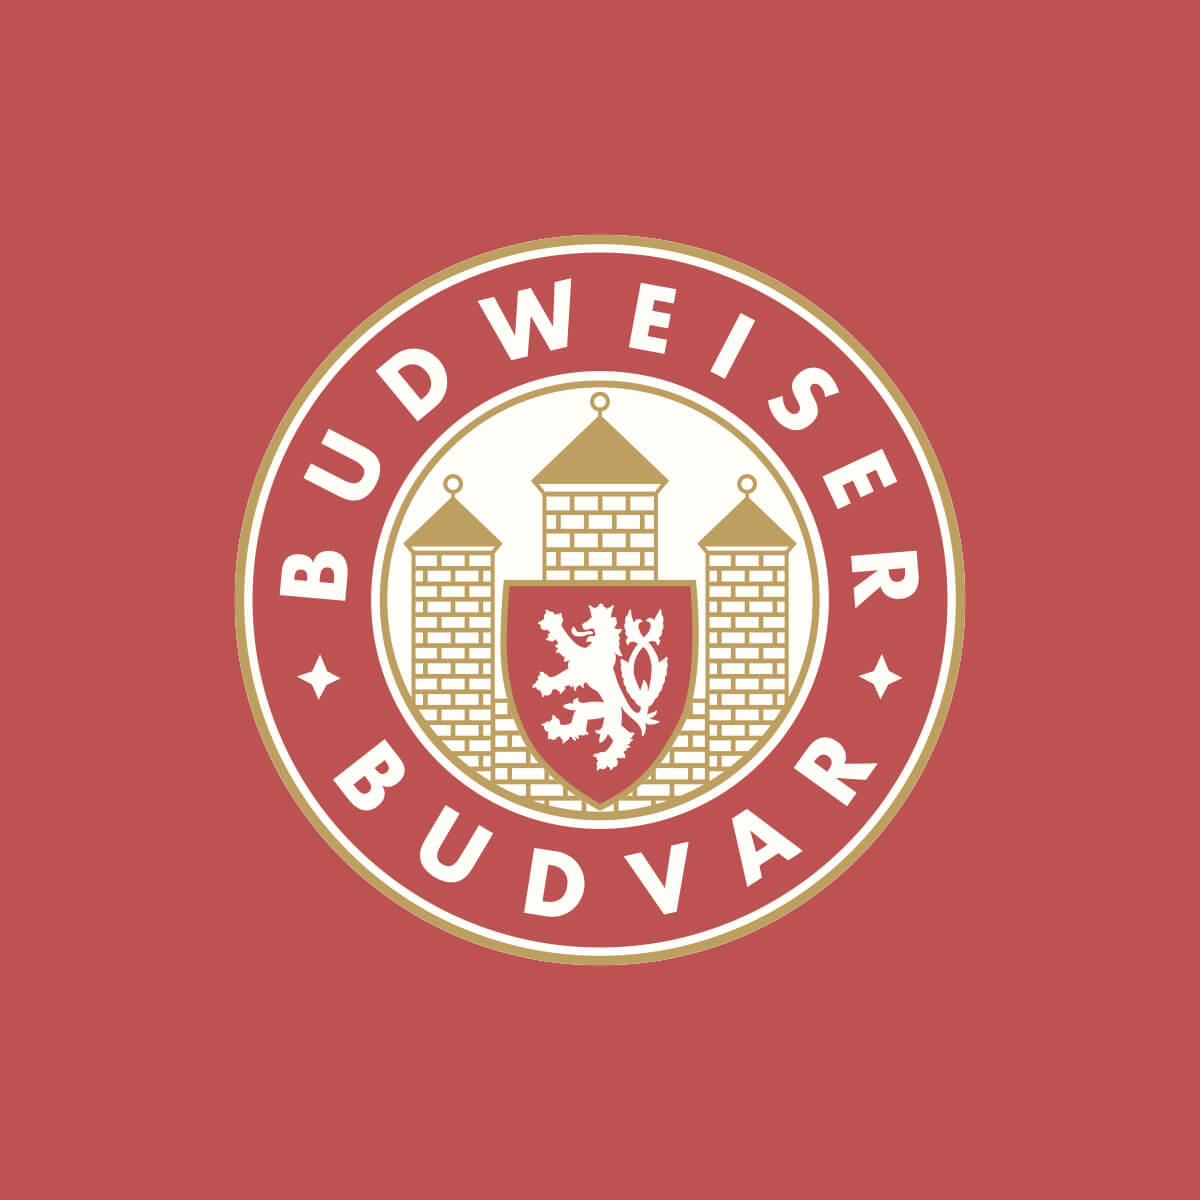 New logo of Budweiser Budvar